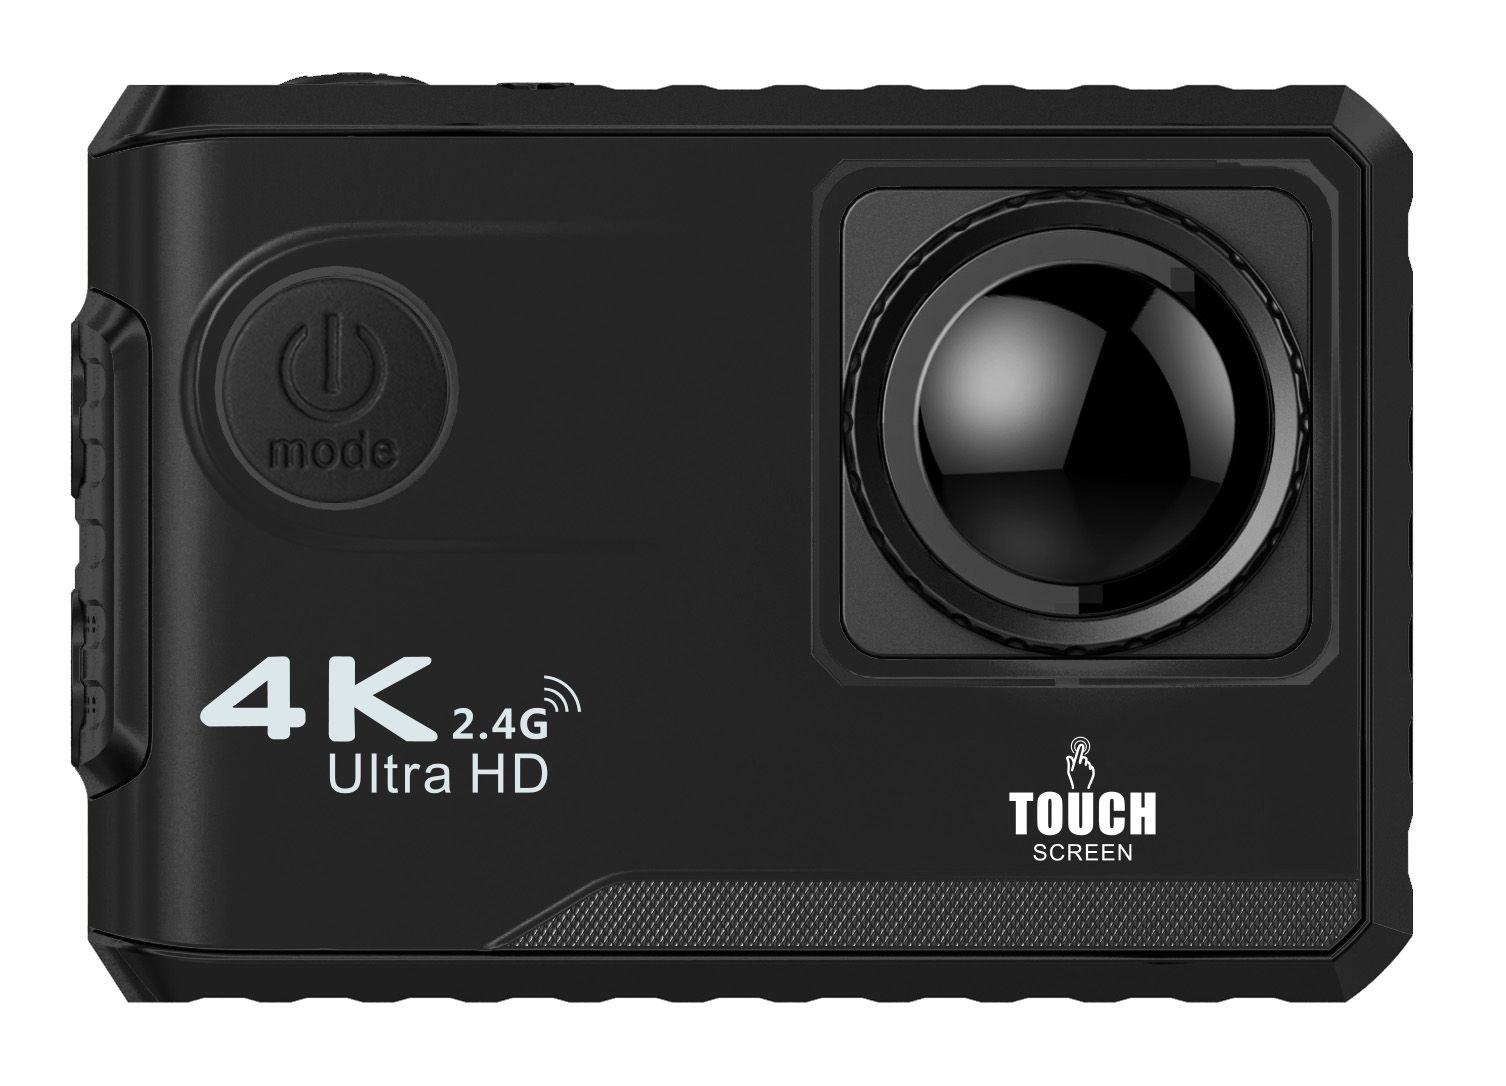 """Soocoo F100B الرياضة للماء كاميرا 4 كيلو hd عمل 2 """"شاشة تعمل باللمس wifi 1080P كامل HD 170 درجة كاميرات الرياضة"""